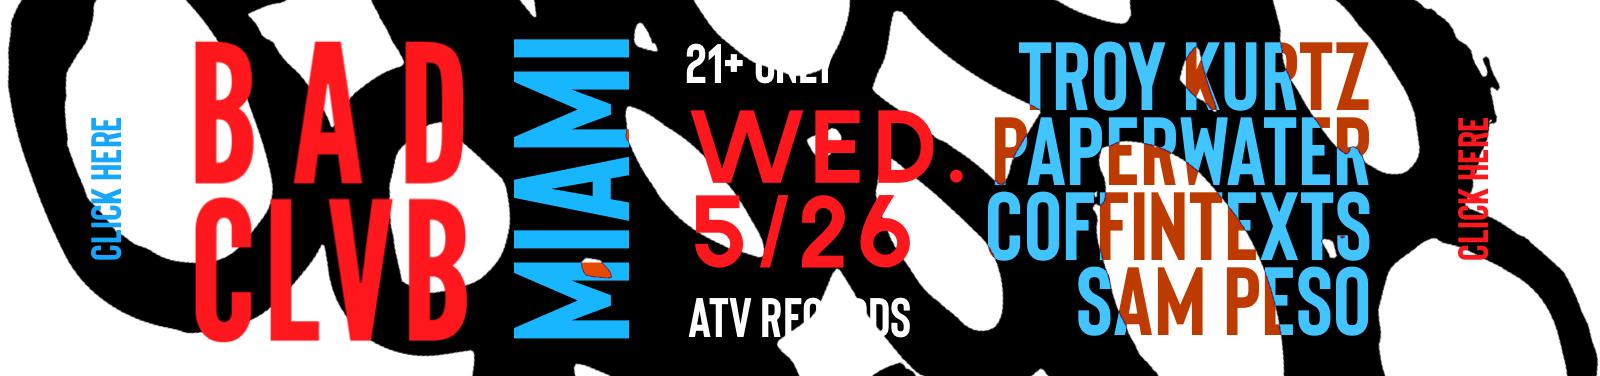 BAD CLVB - May 2021 - ATV Records, Miami